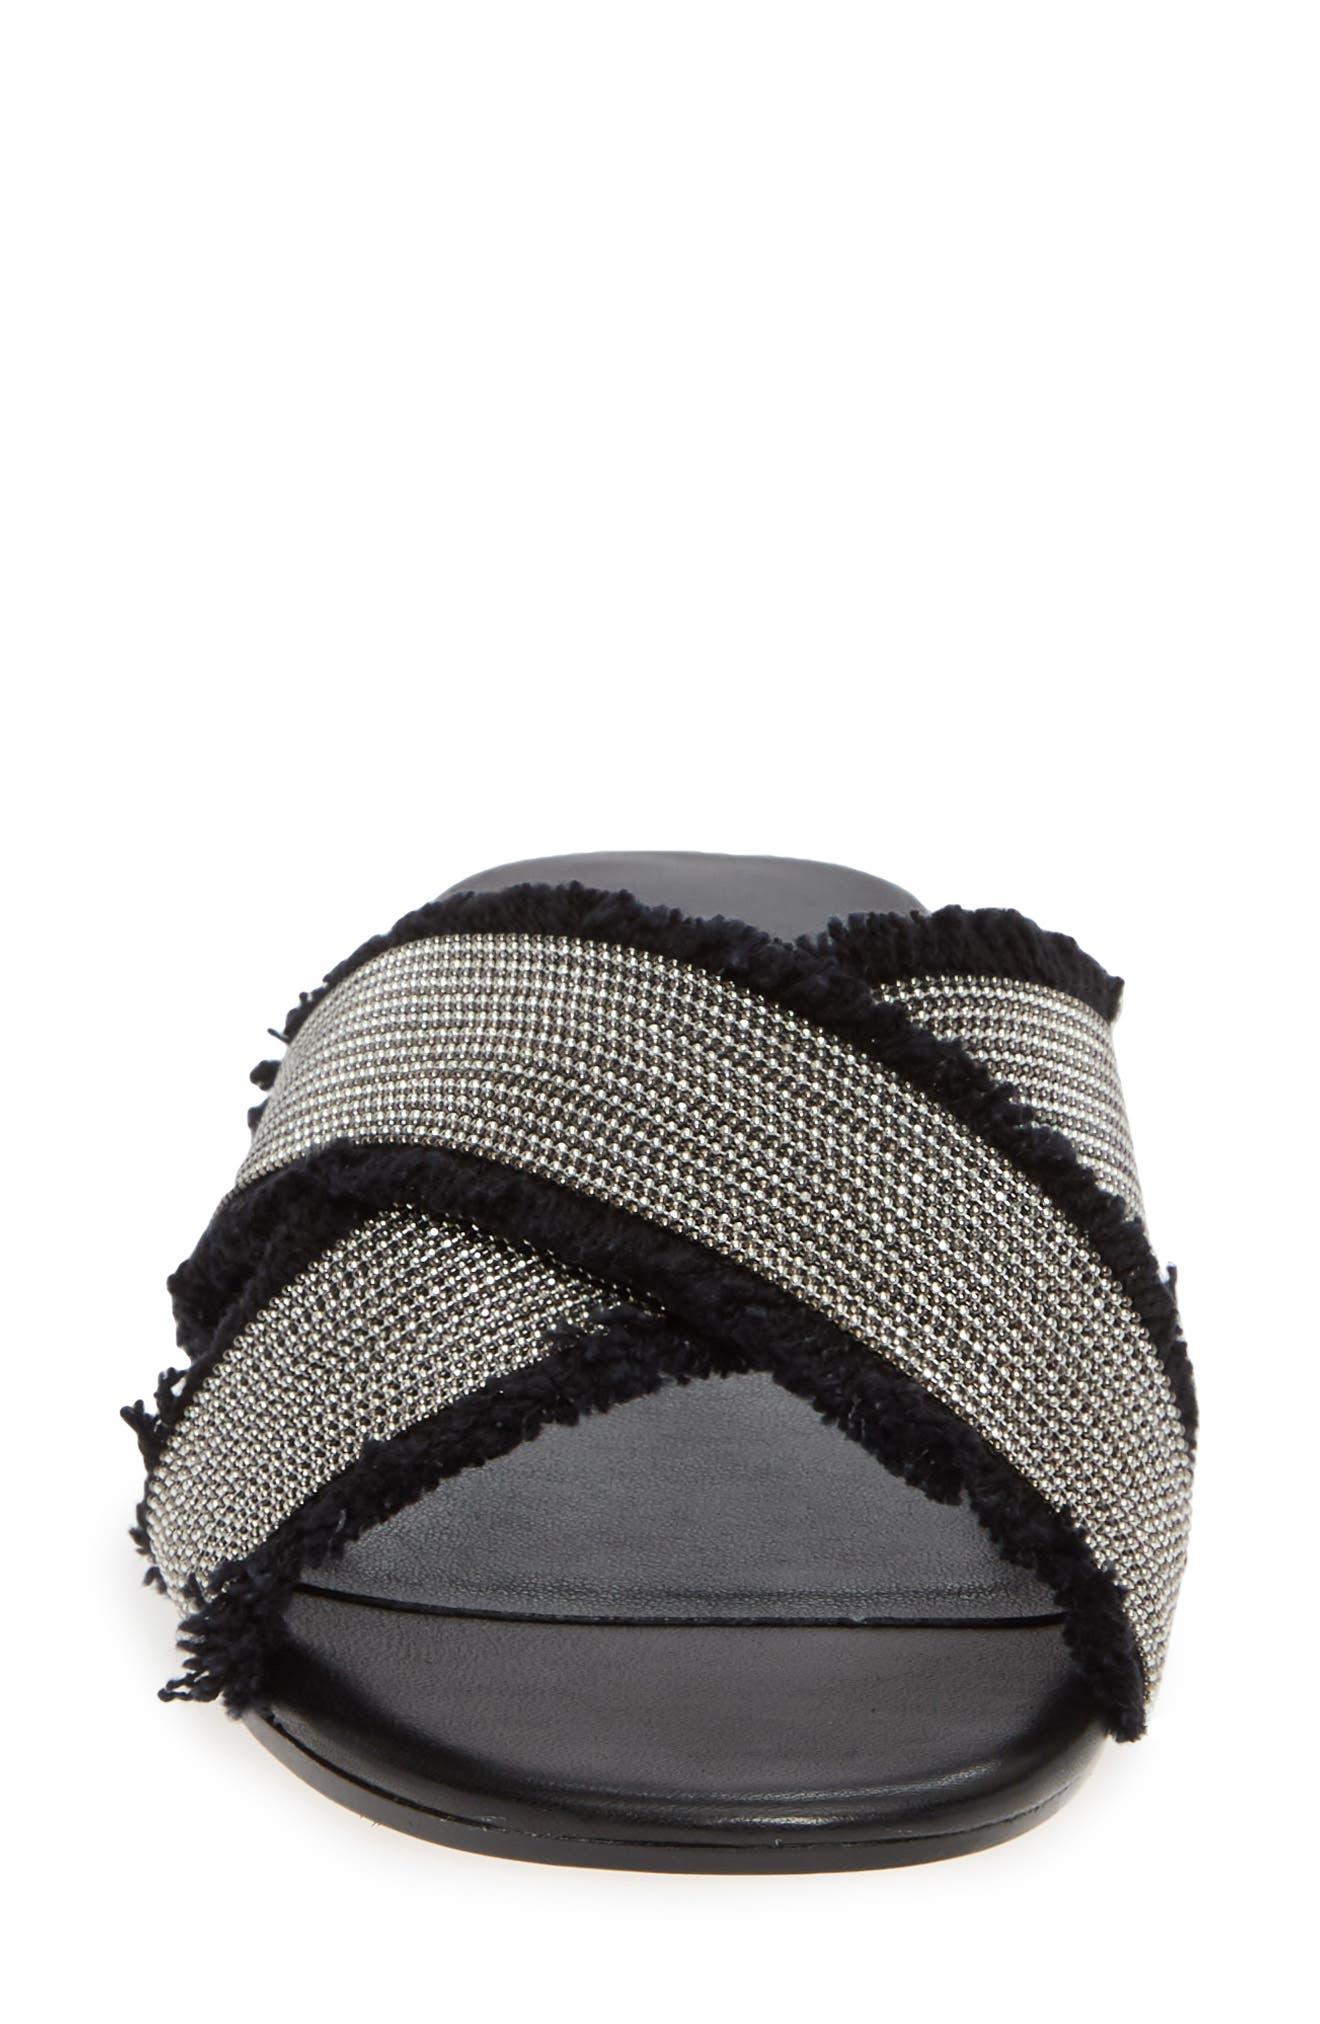 Baret Slide Sandal,                             Alternate thumbnail 4, color,                             BLACK FABRIC